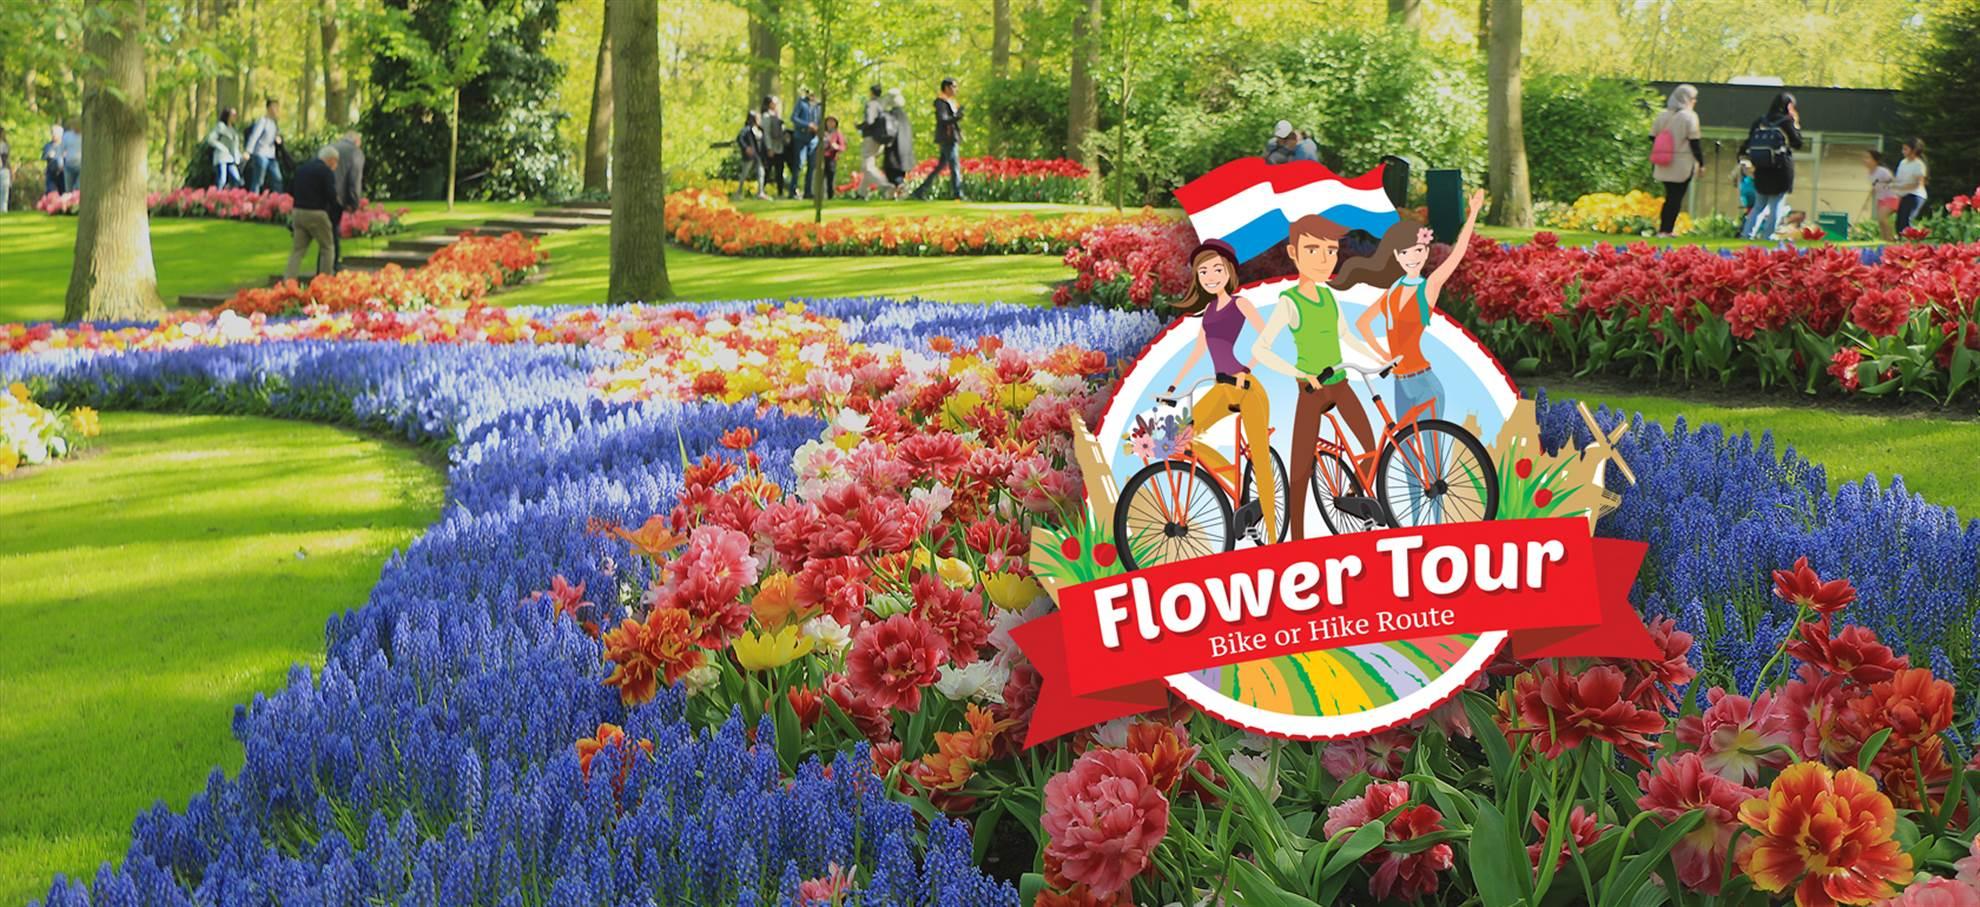 Die Tulpenroute: Radfahren und Wandern entlang der tulpenfelder